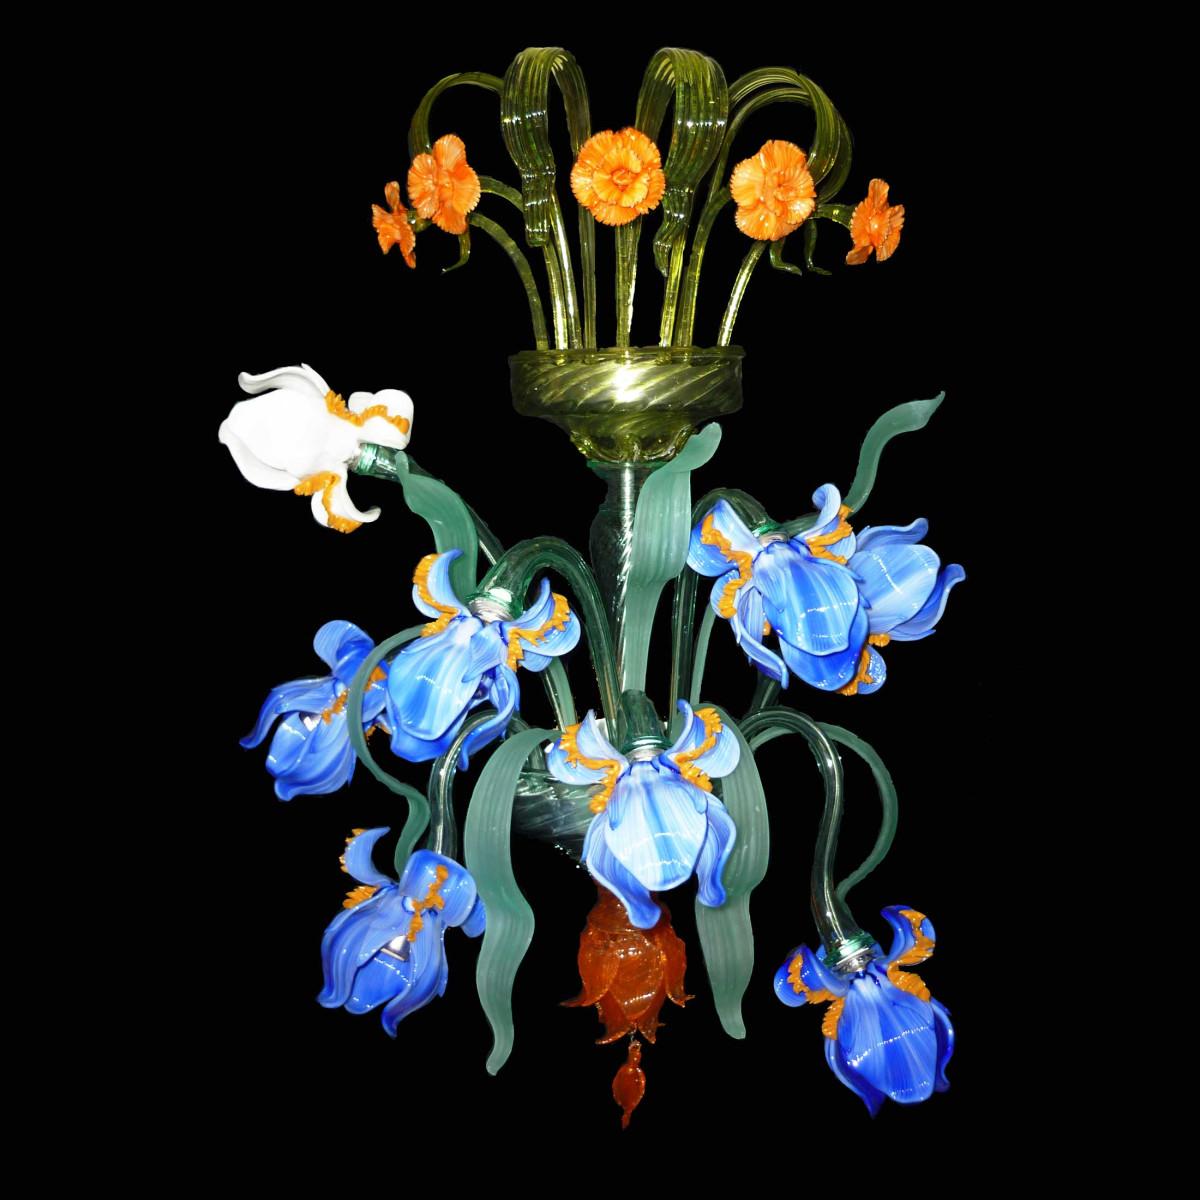 Iris 8 luces aplique en cristal de Murano